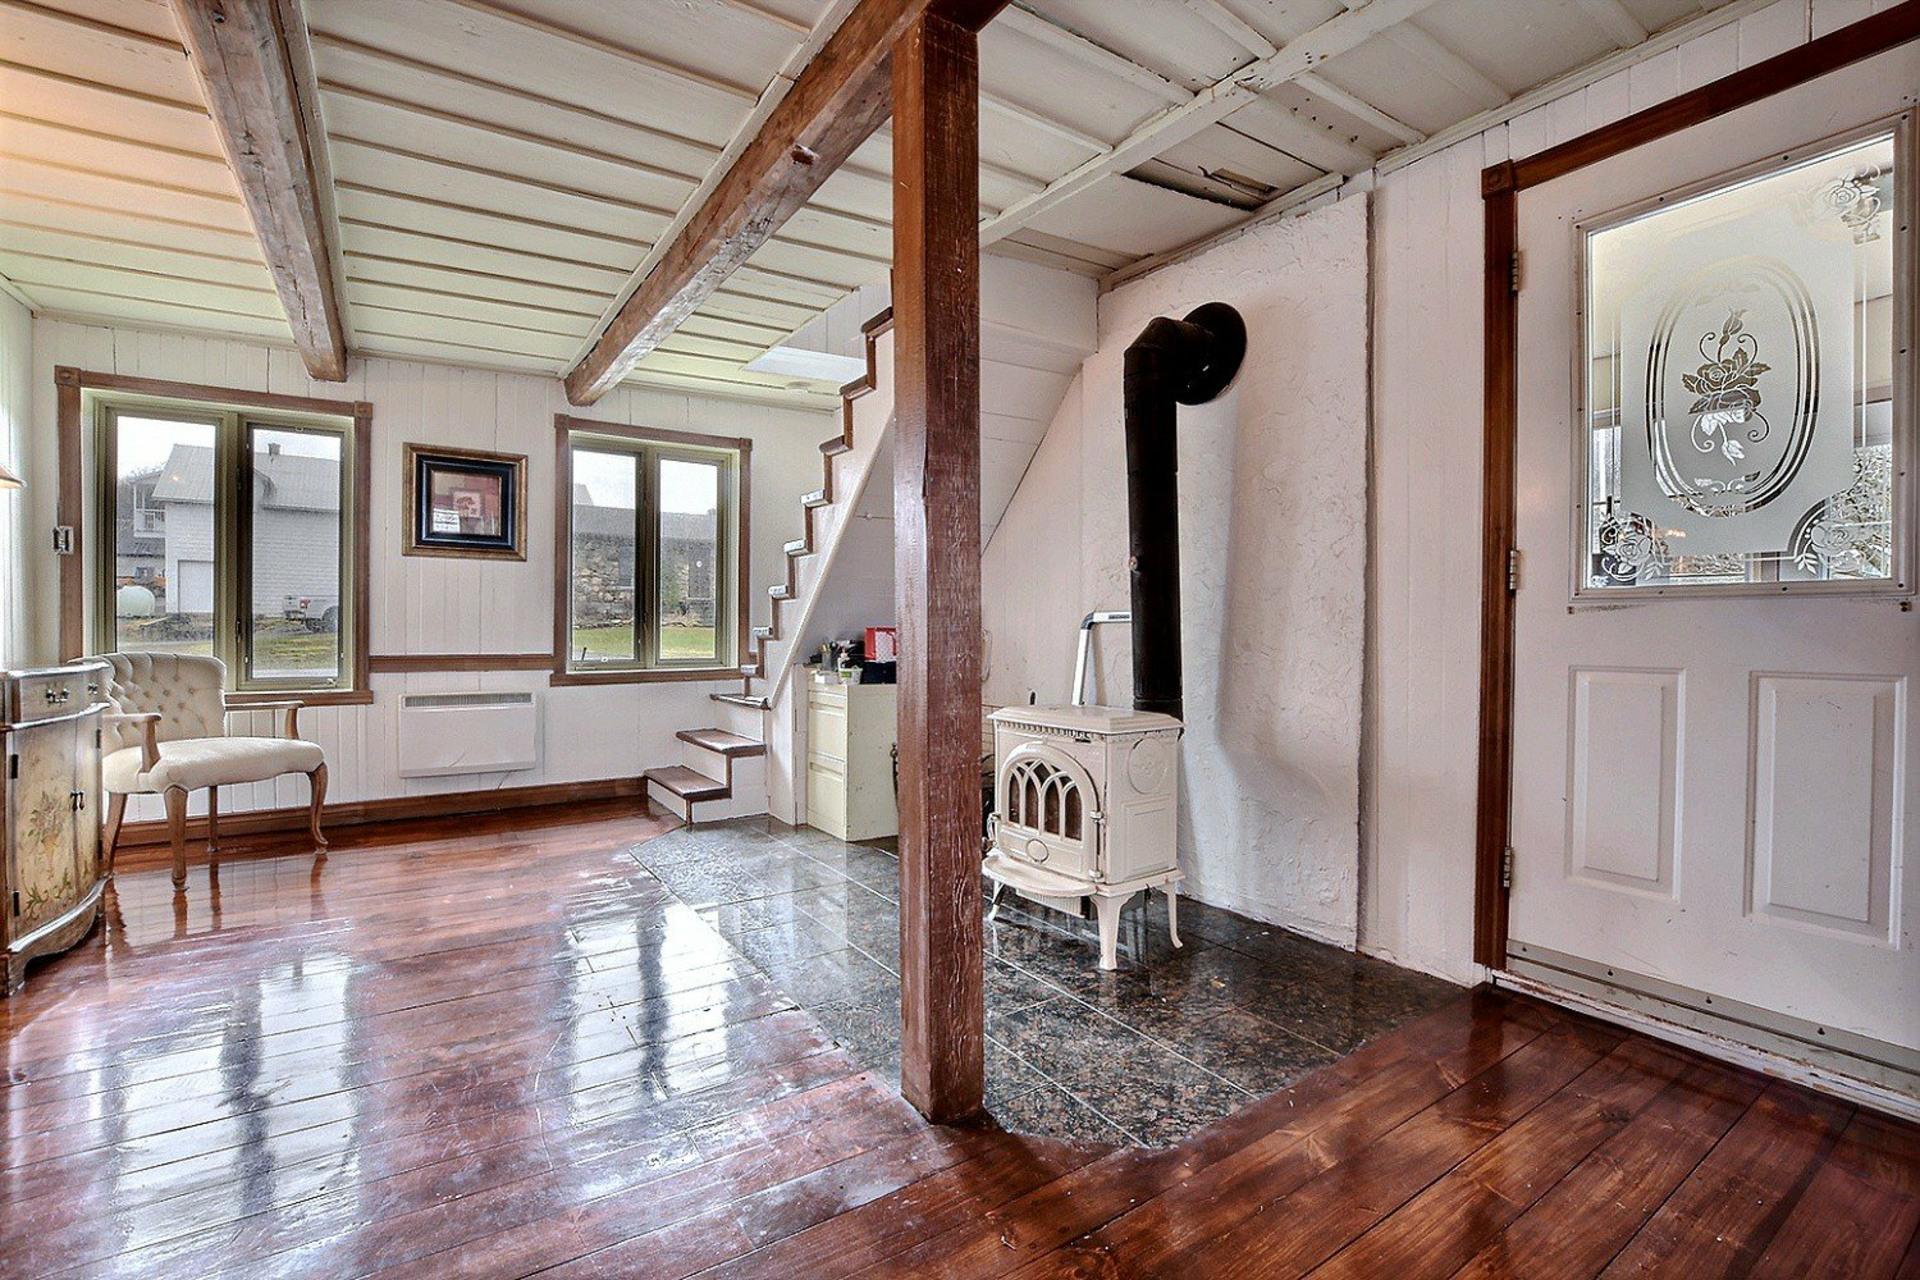 image 3 - Maison À vendre Saint-Joseph-du-Lac - 8 pièces